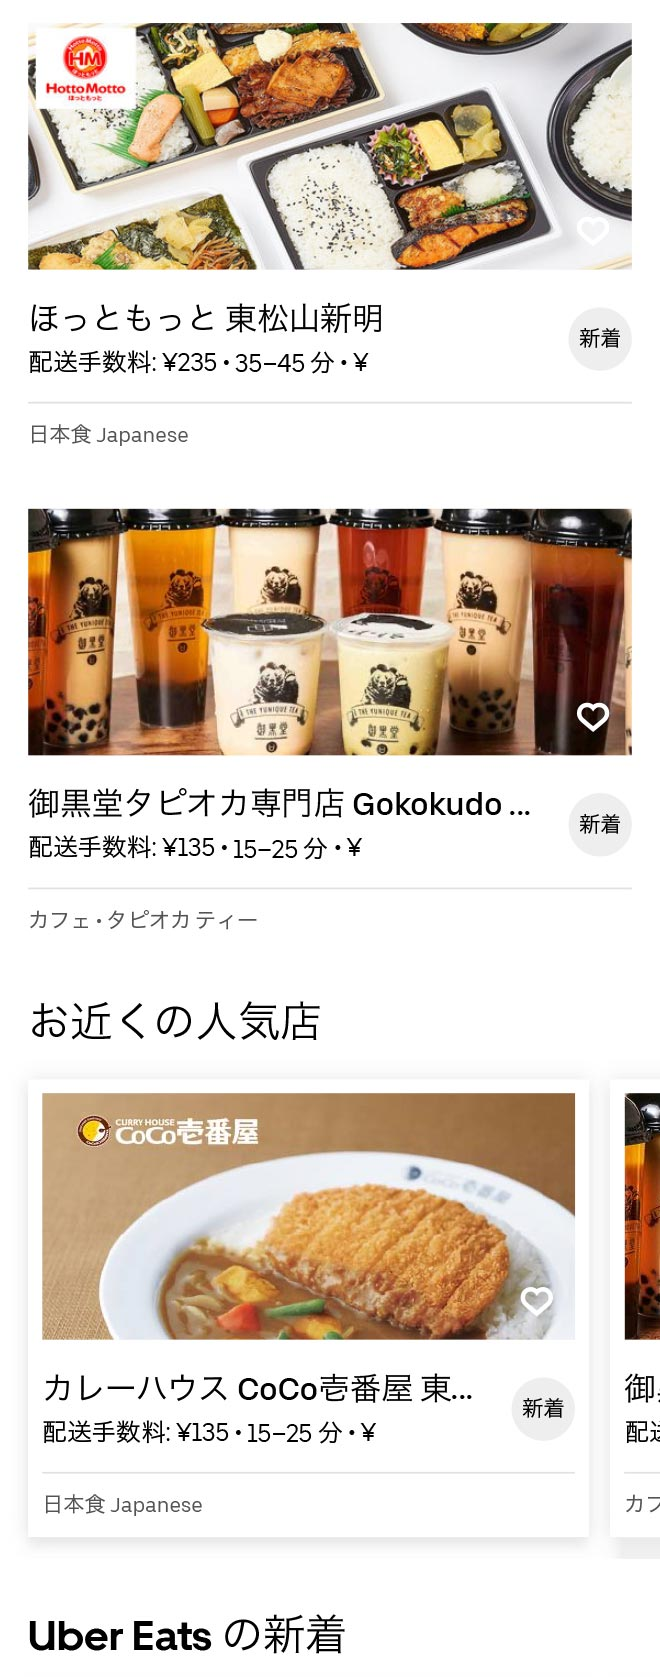 Higashi matsuyama menu 2010 1